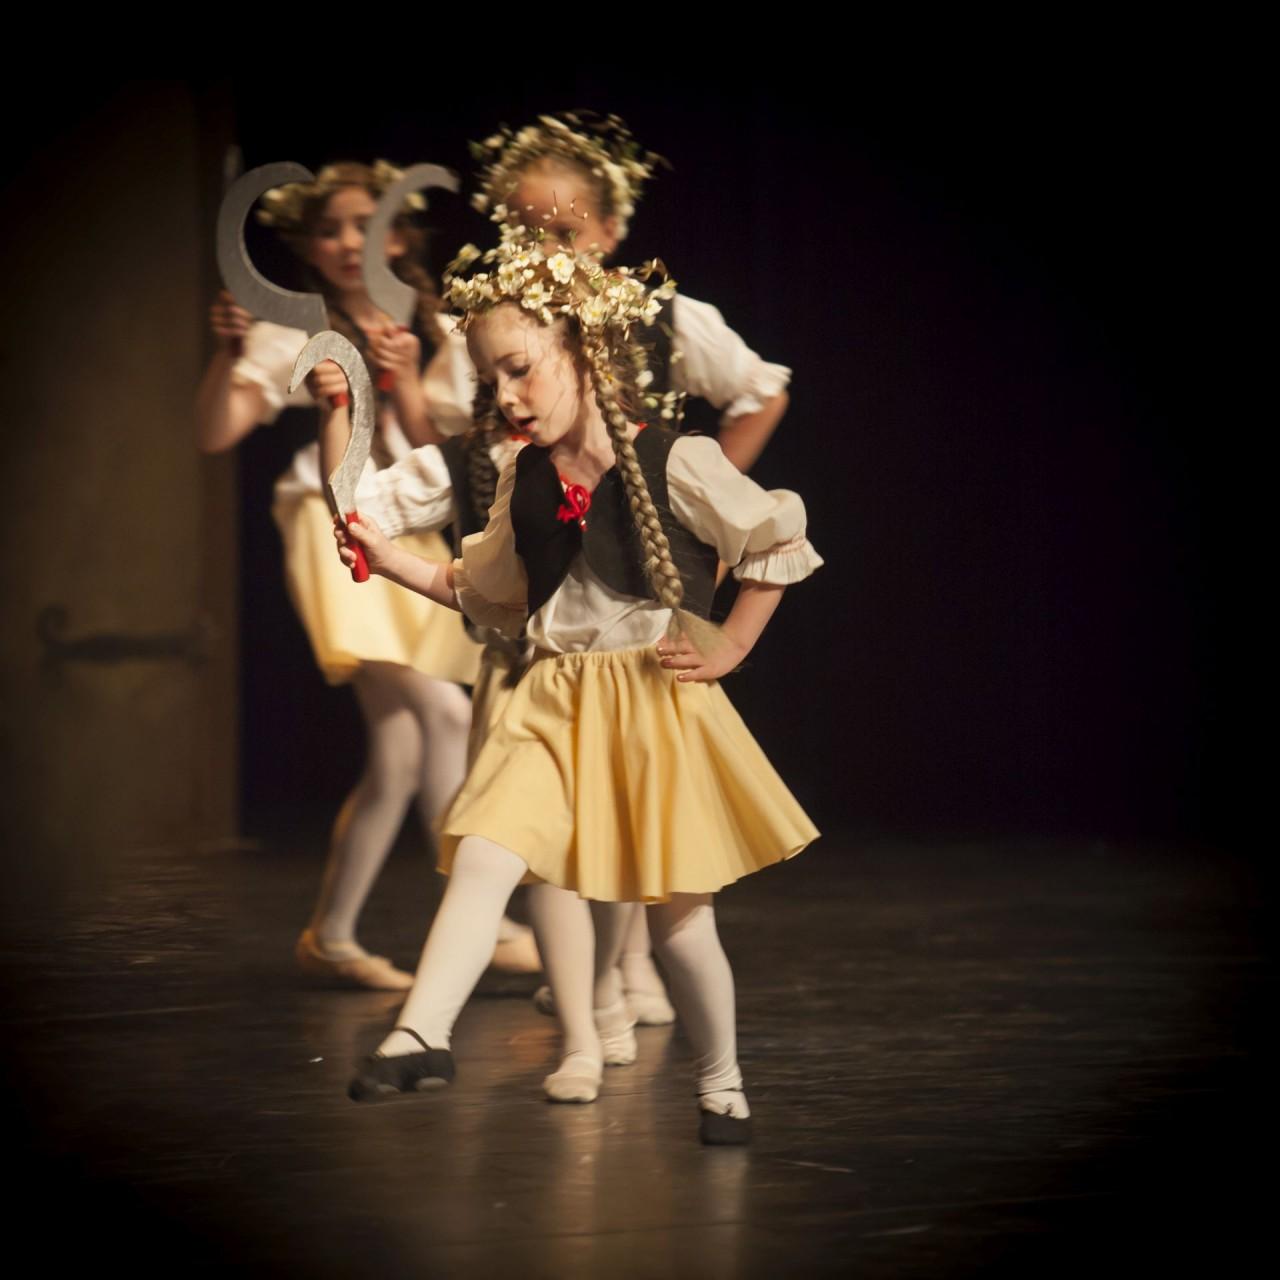 dansen ballet van den Ende (3 van 17)